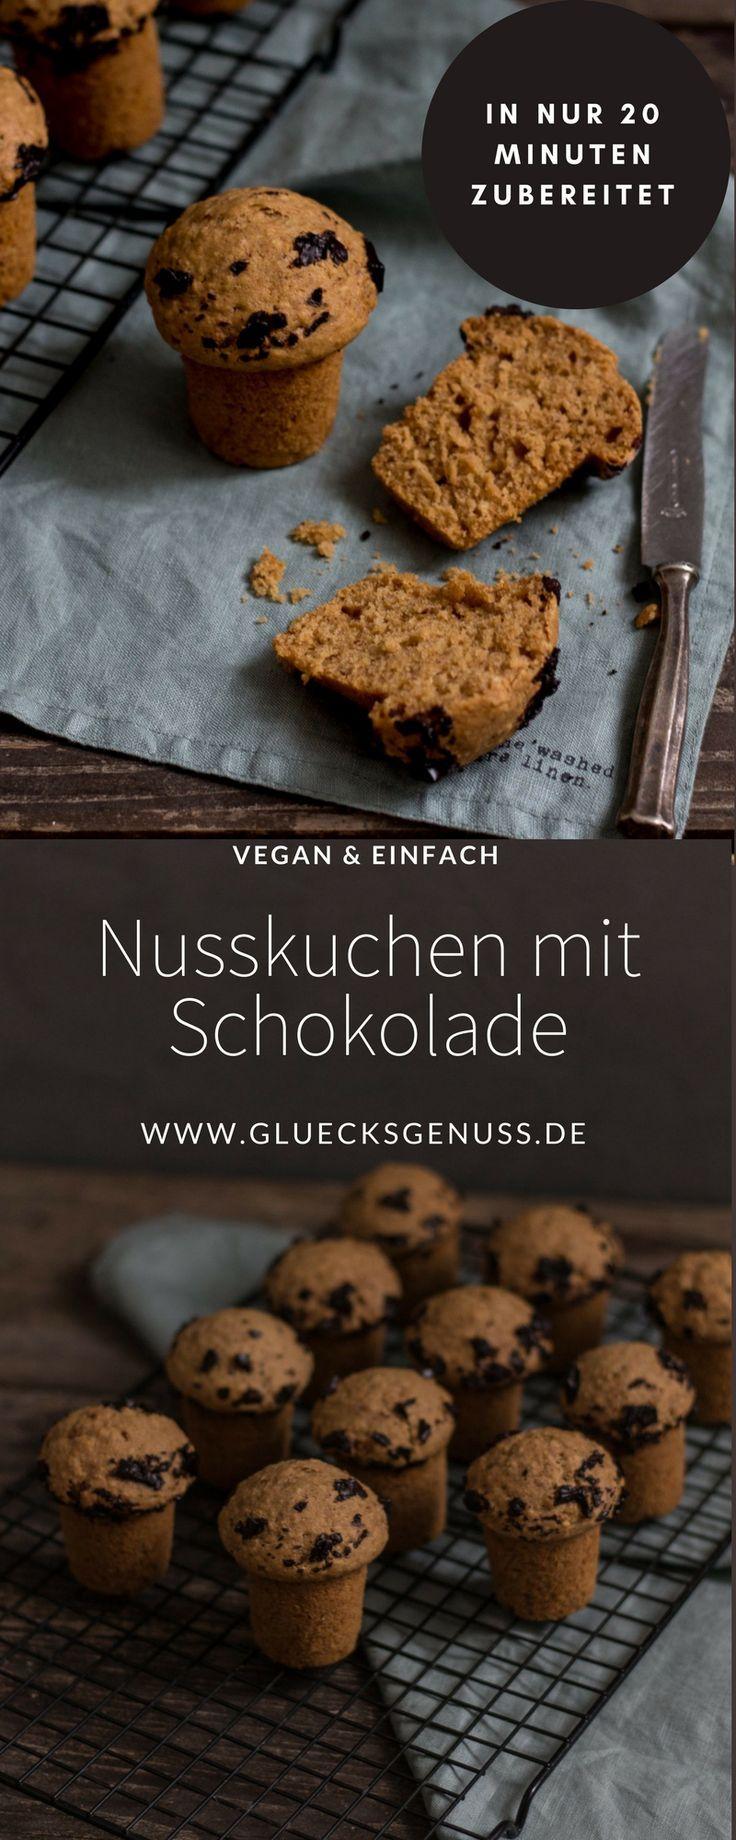 {Rezept} Kleine Nusskuchen mit Schokolade / vegan - Glücksgenuss